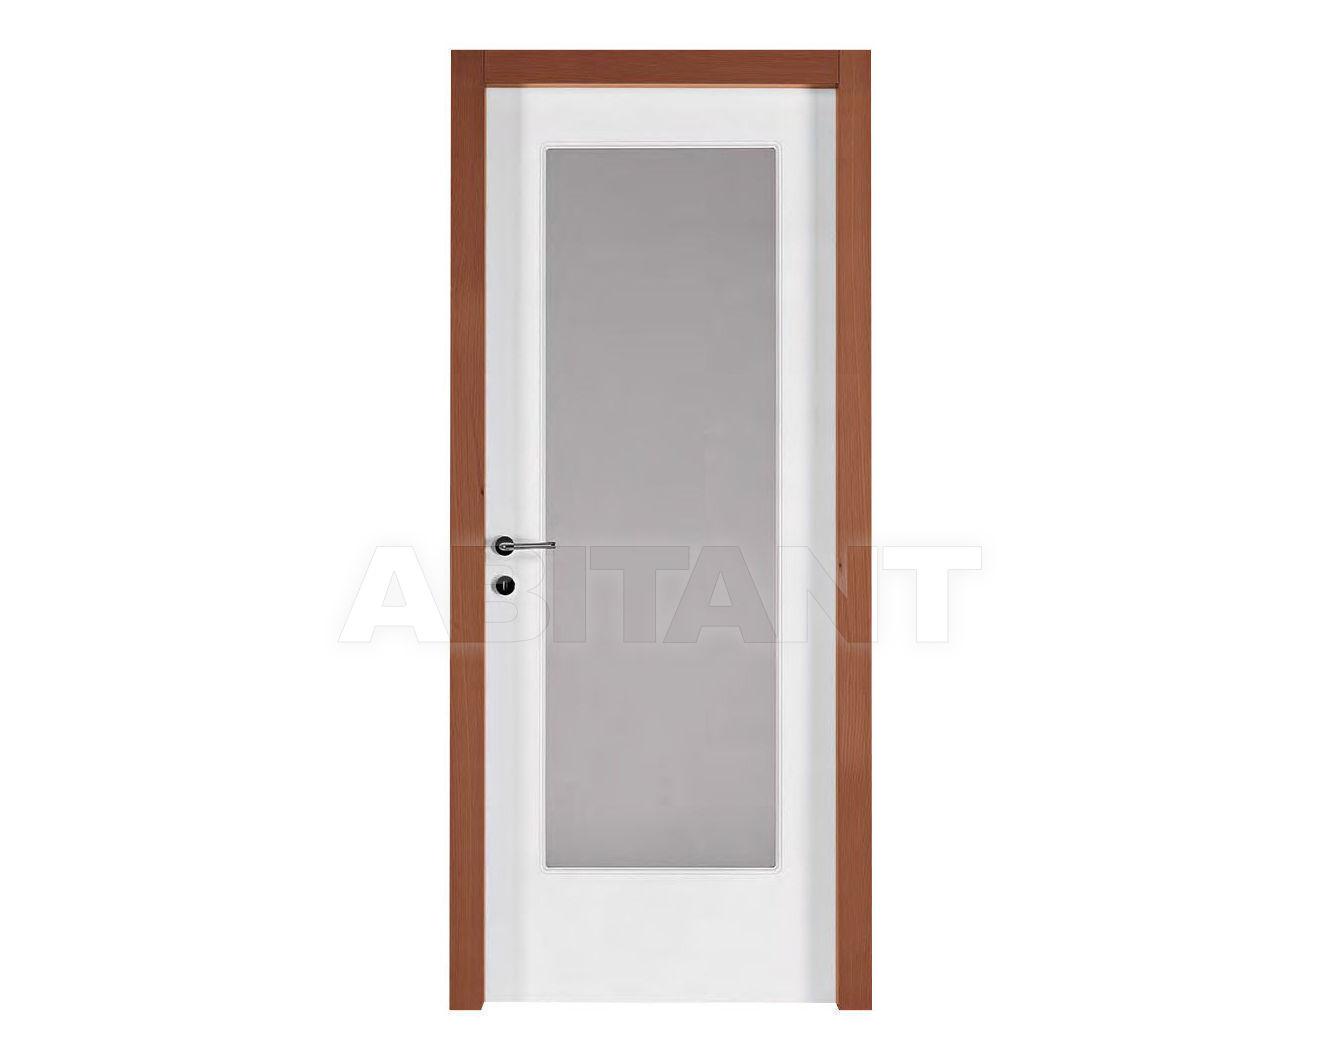 Купить Дверь деревянная Fioravazzi Pantografate ARIANNA 4  VETRO